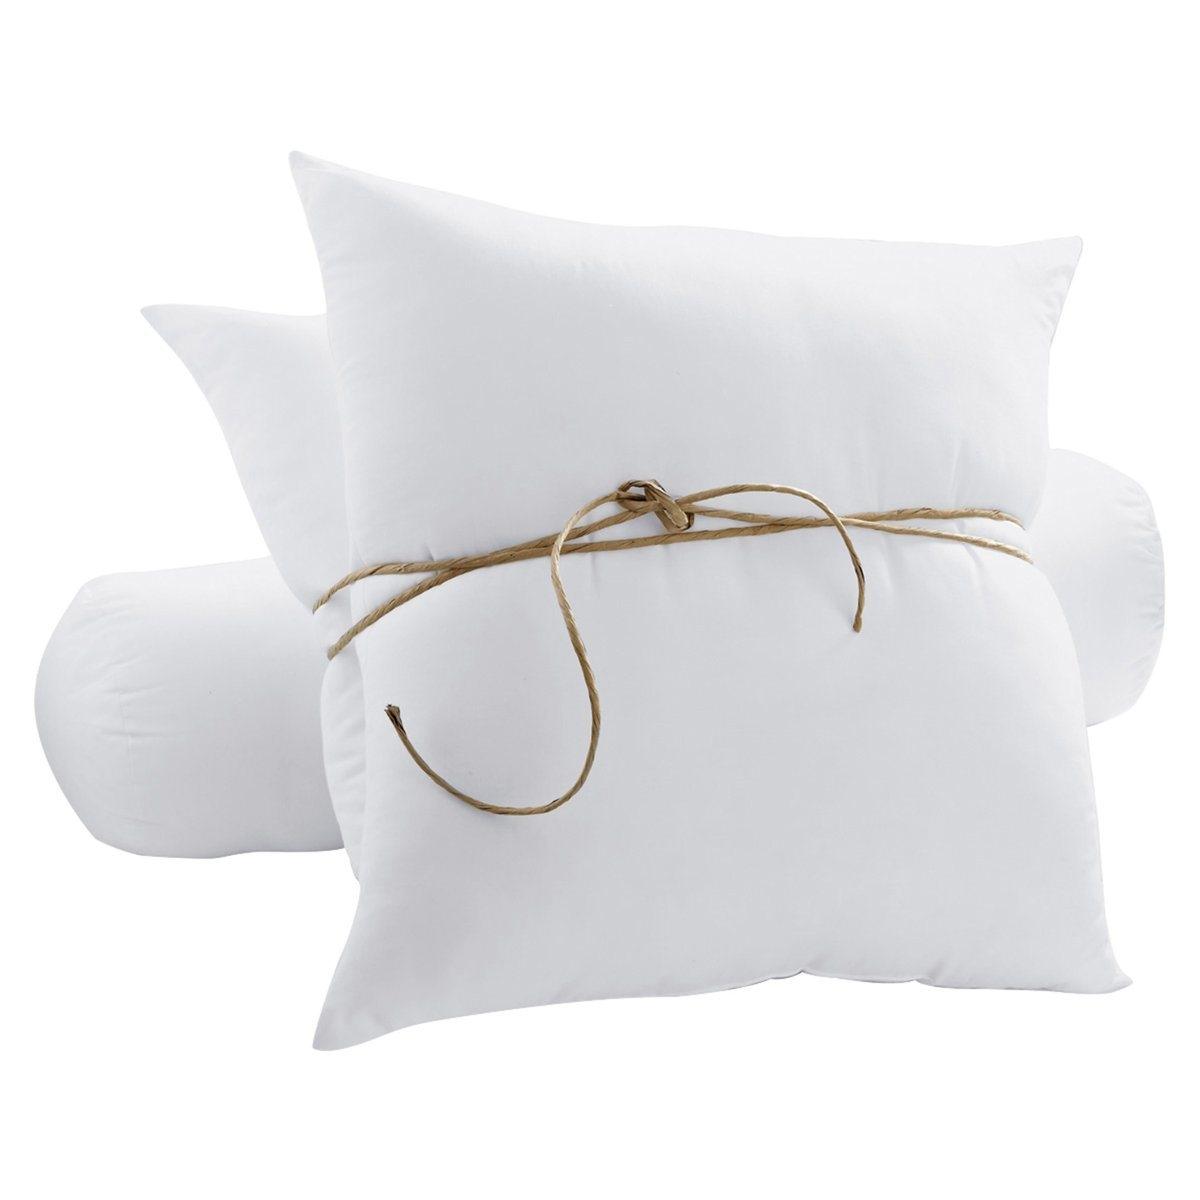 Подушка в виде валика синтетическая, с обработкой против клещей